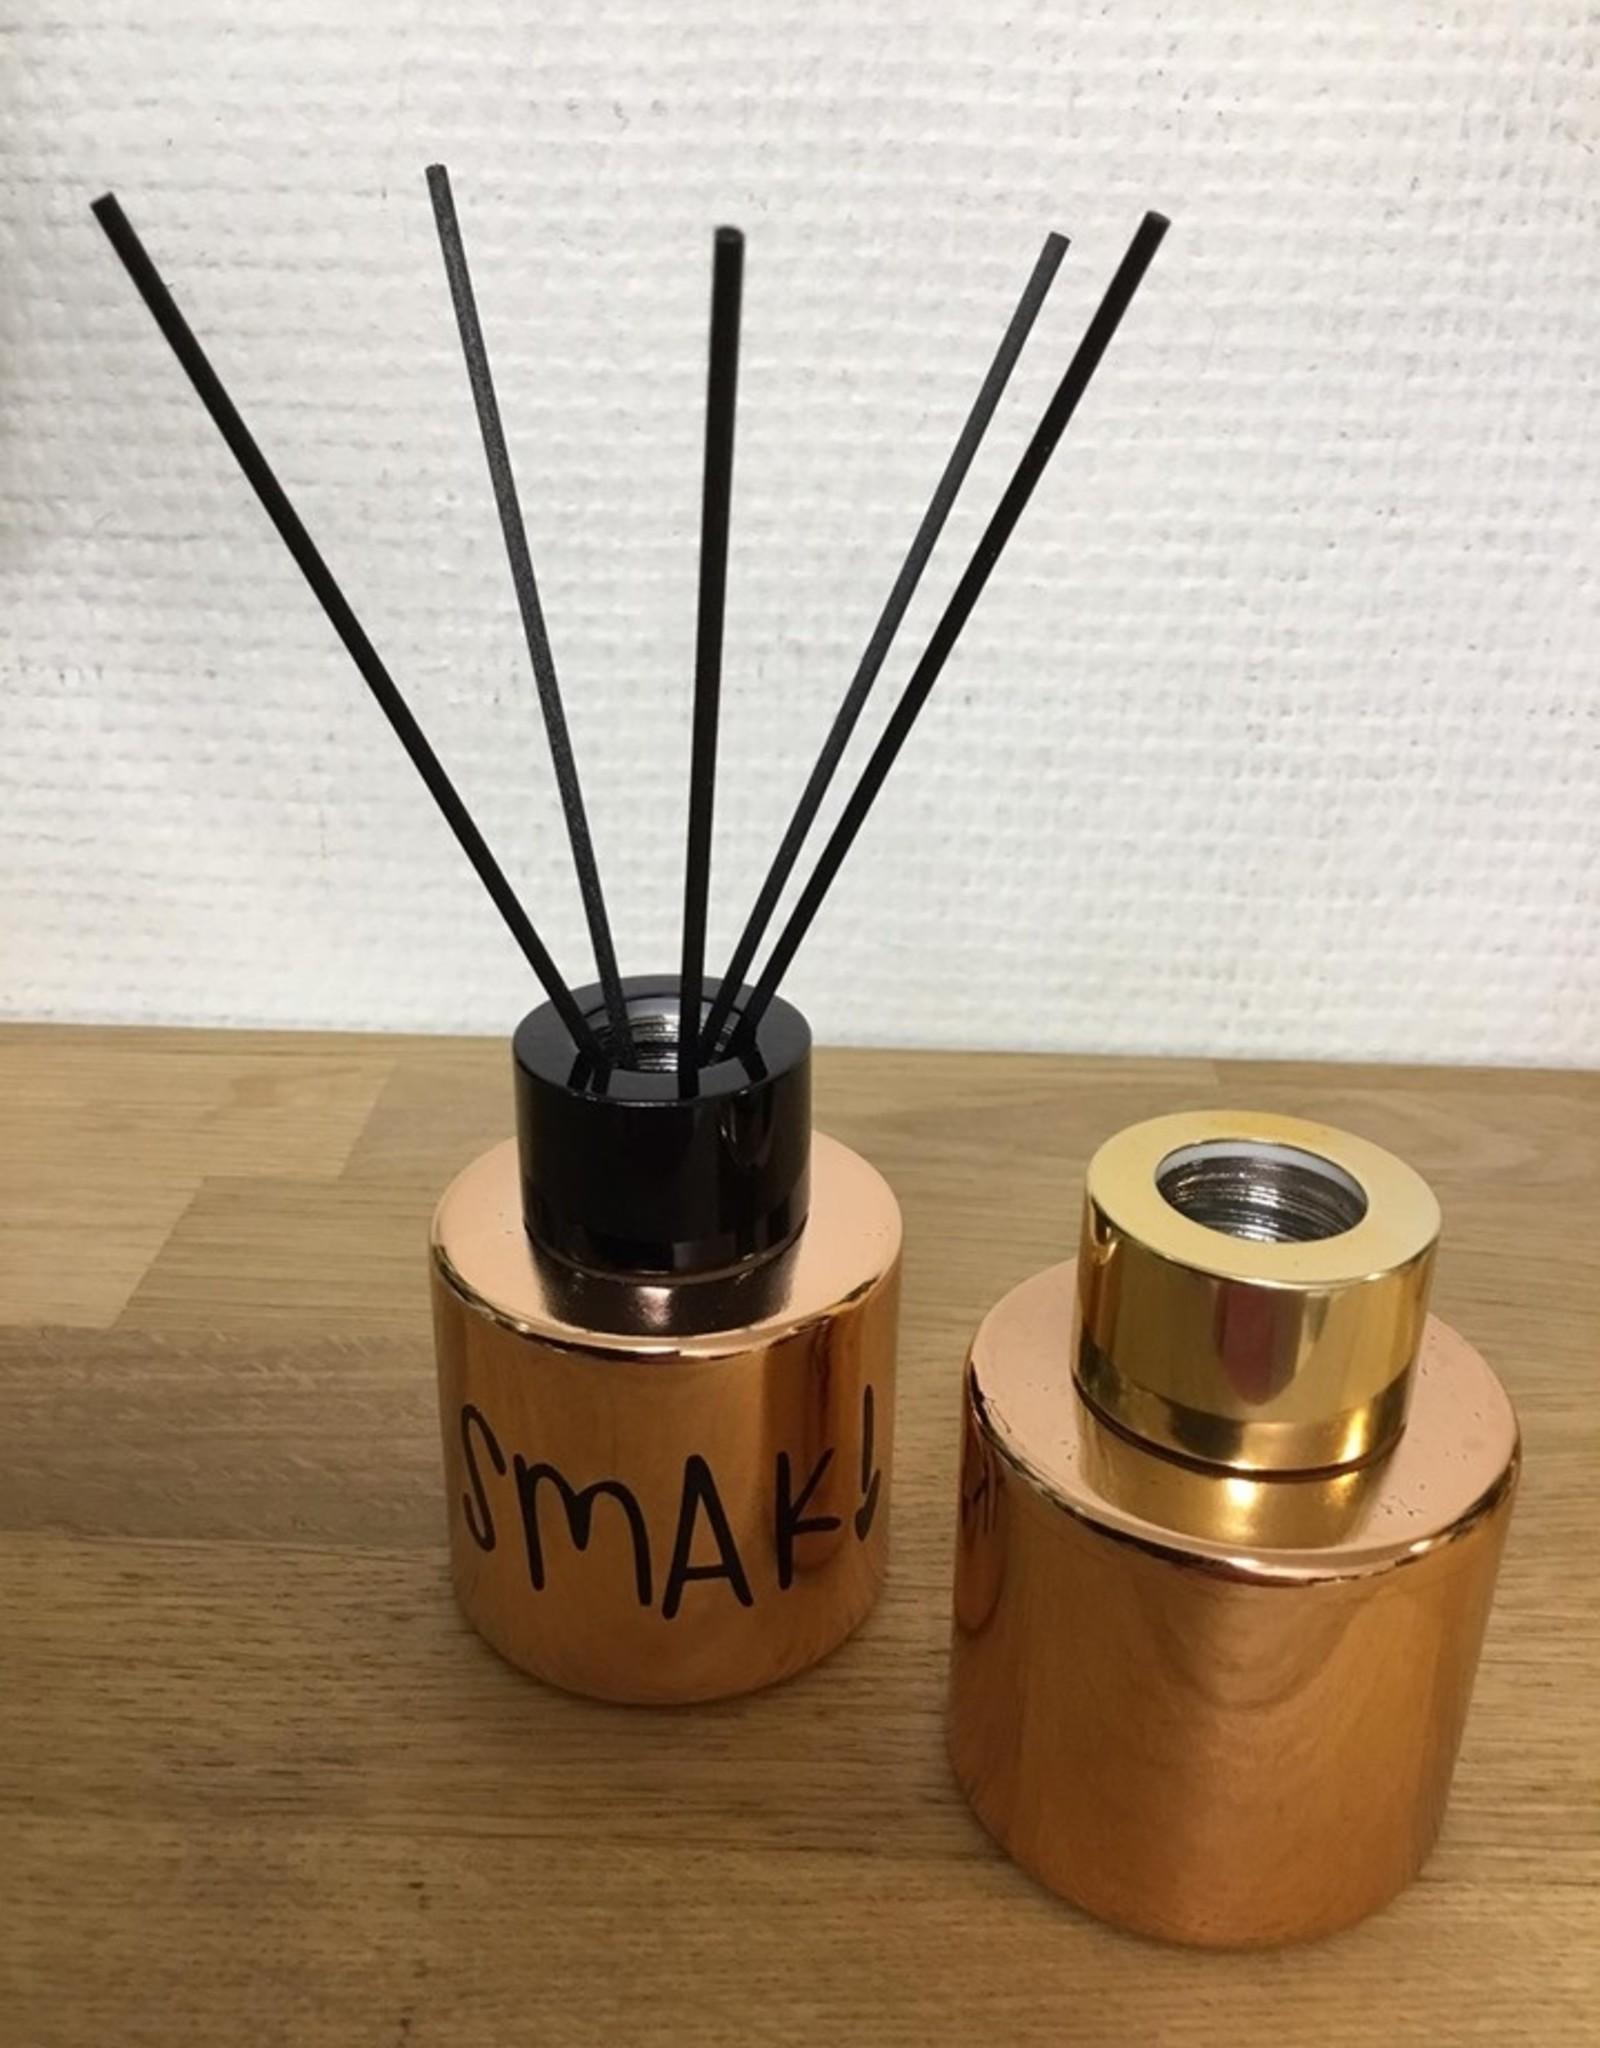 geurpotje huisparfum met stokjes rose gold - gepersonaliseerd